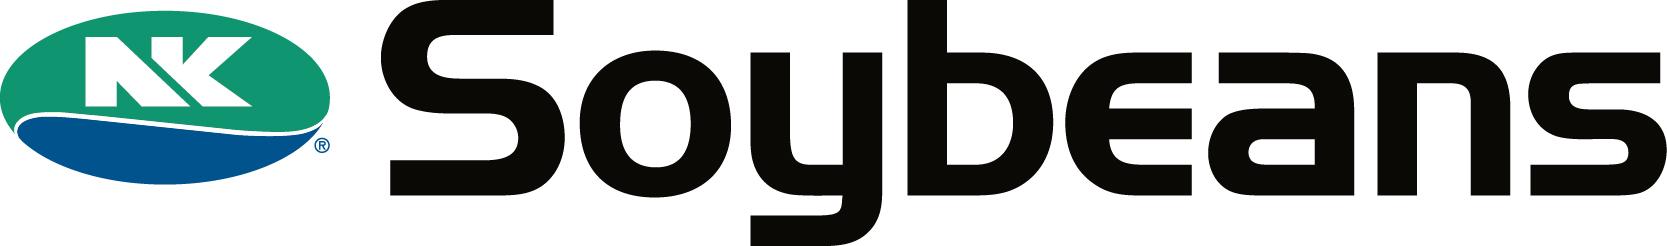 NK_Soybeans_Logo